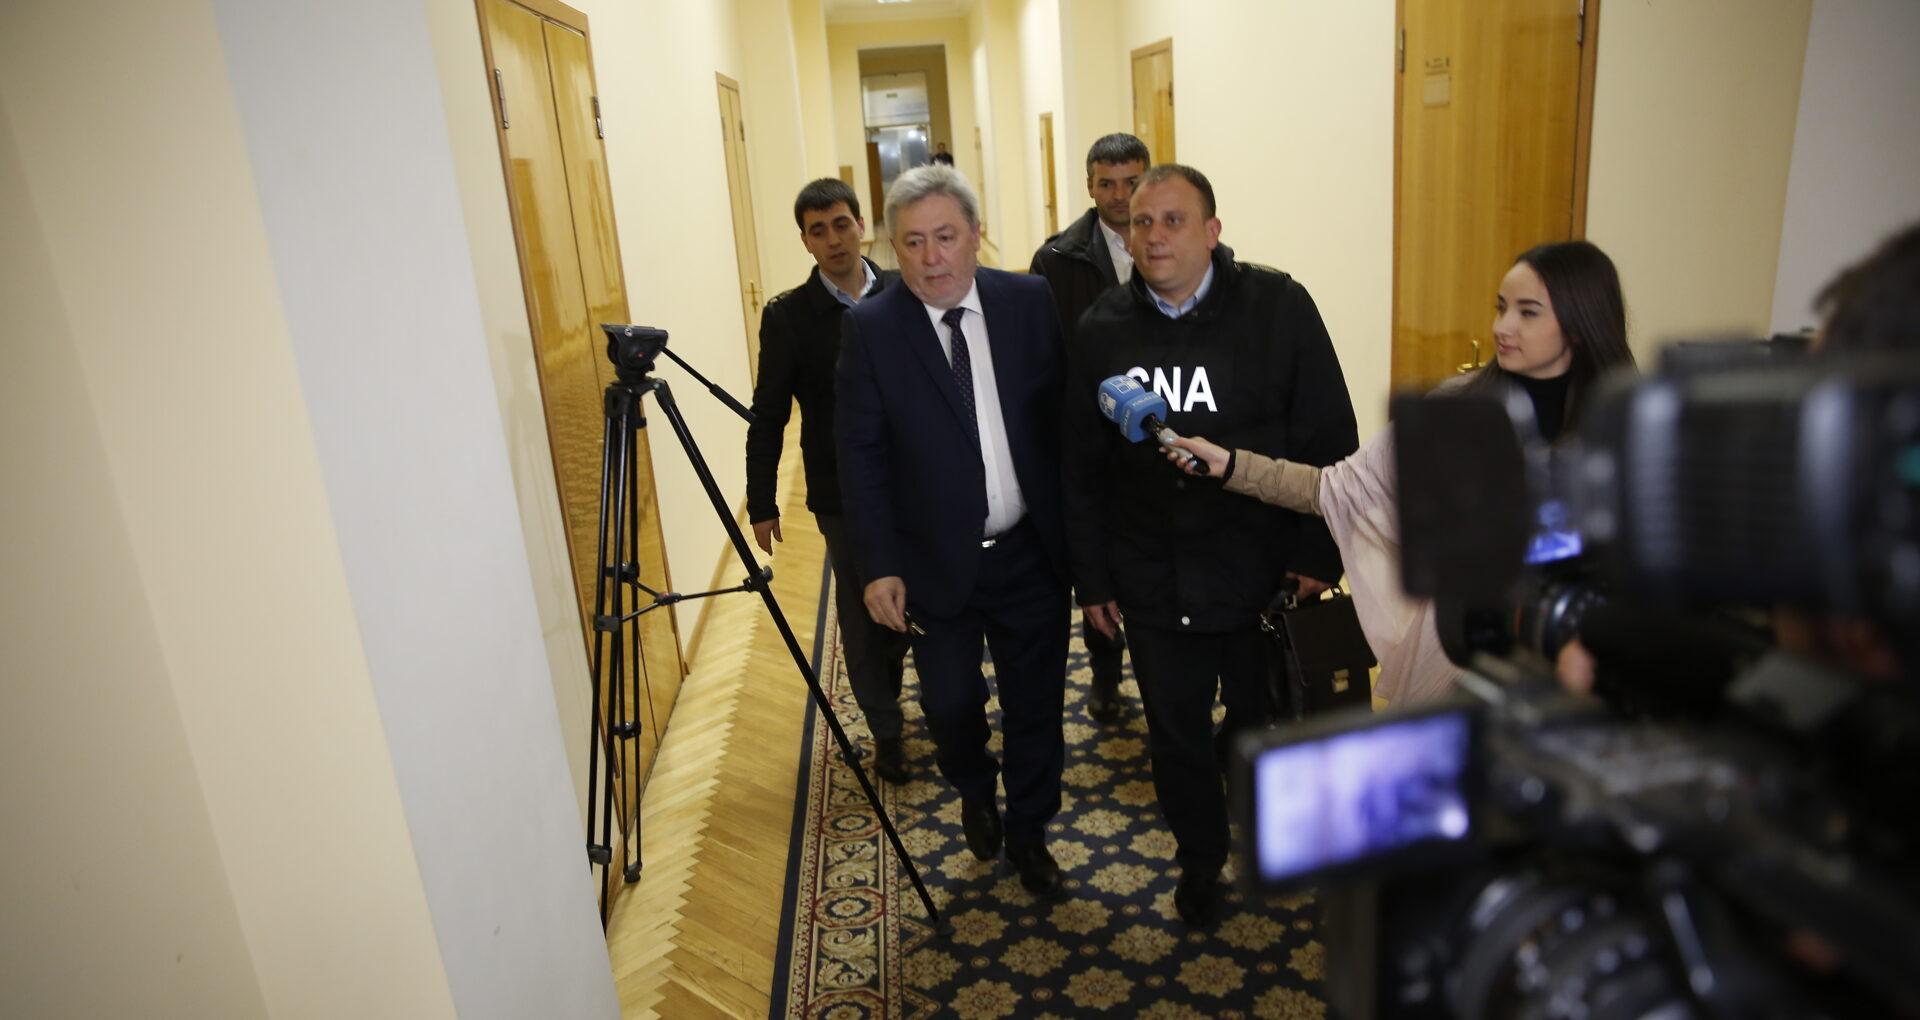 Ce avere are Nistor Grozavu, proaspatul primar interimar de Chișinau